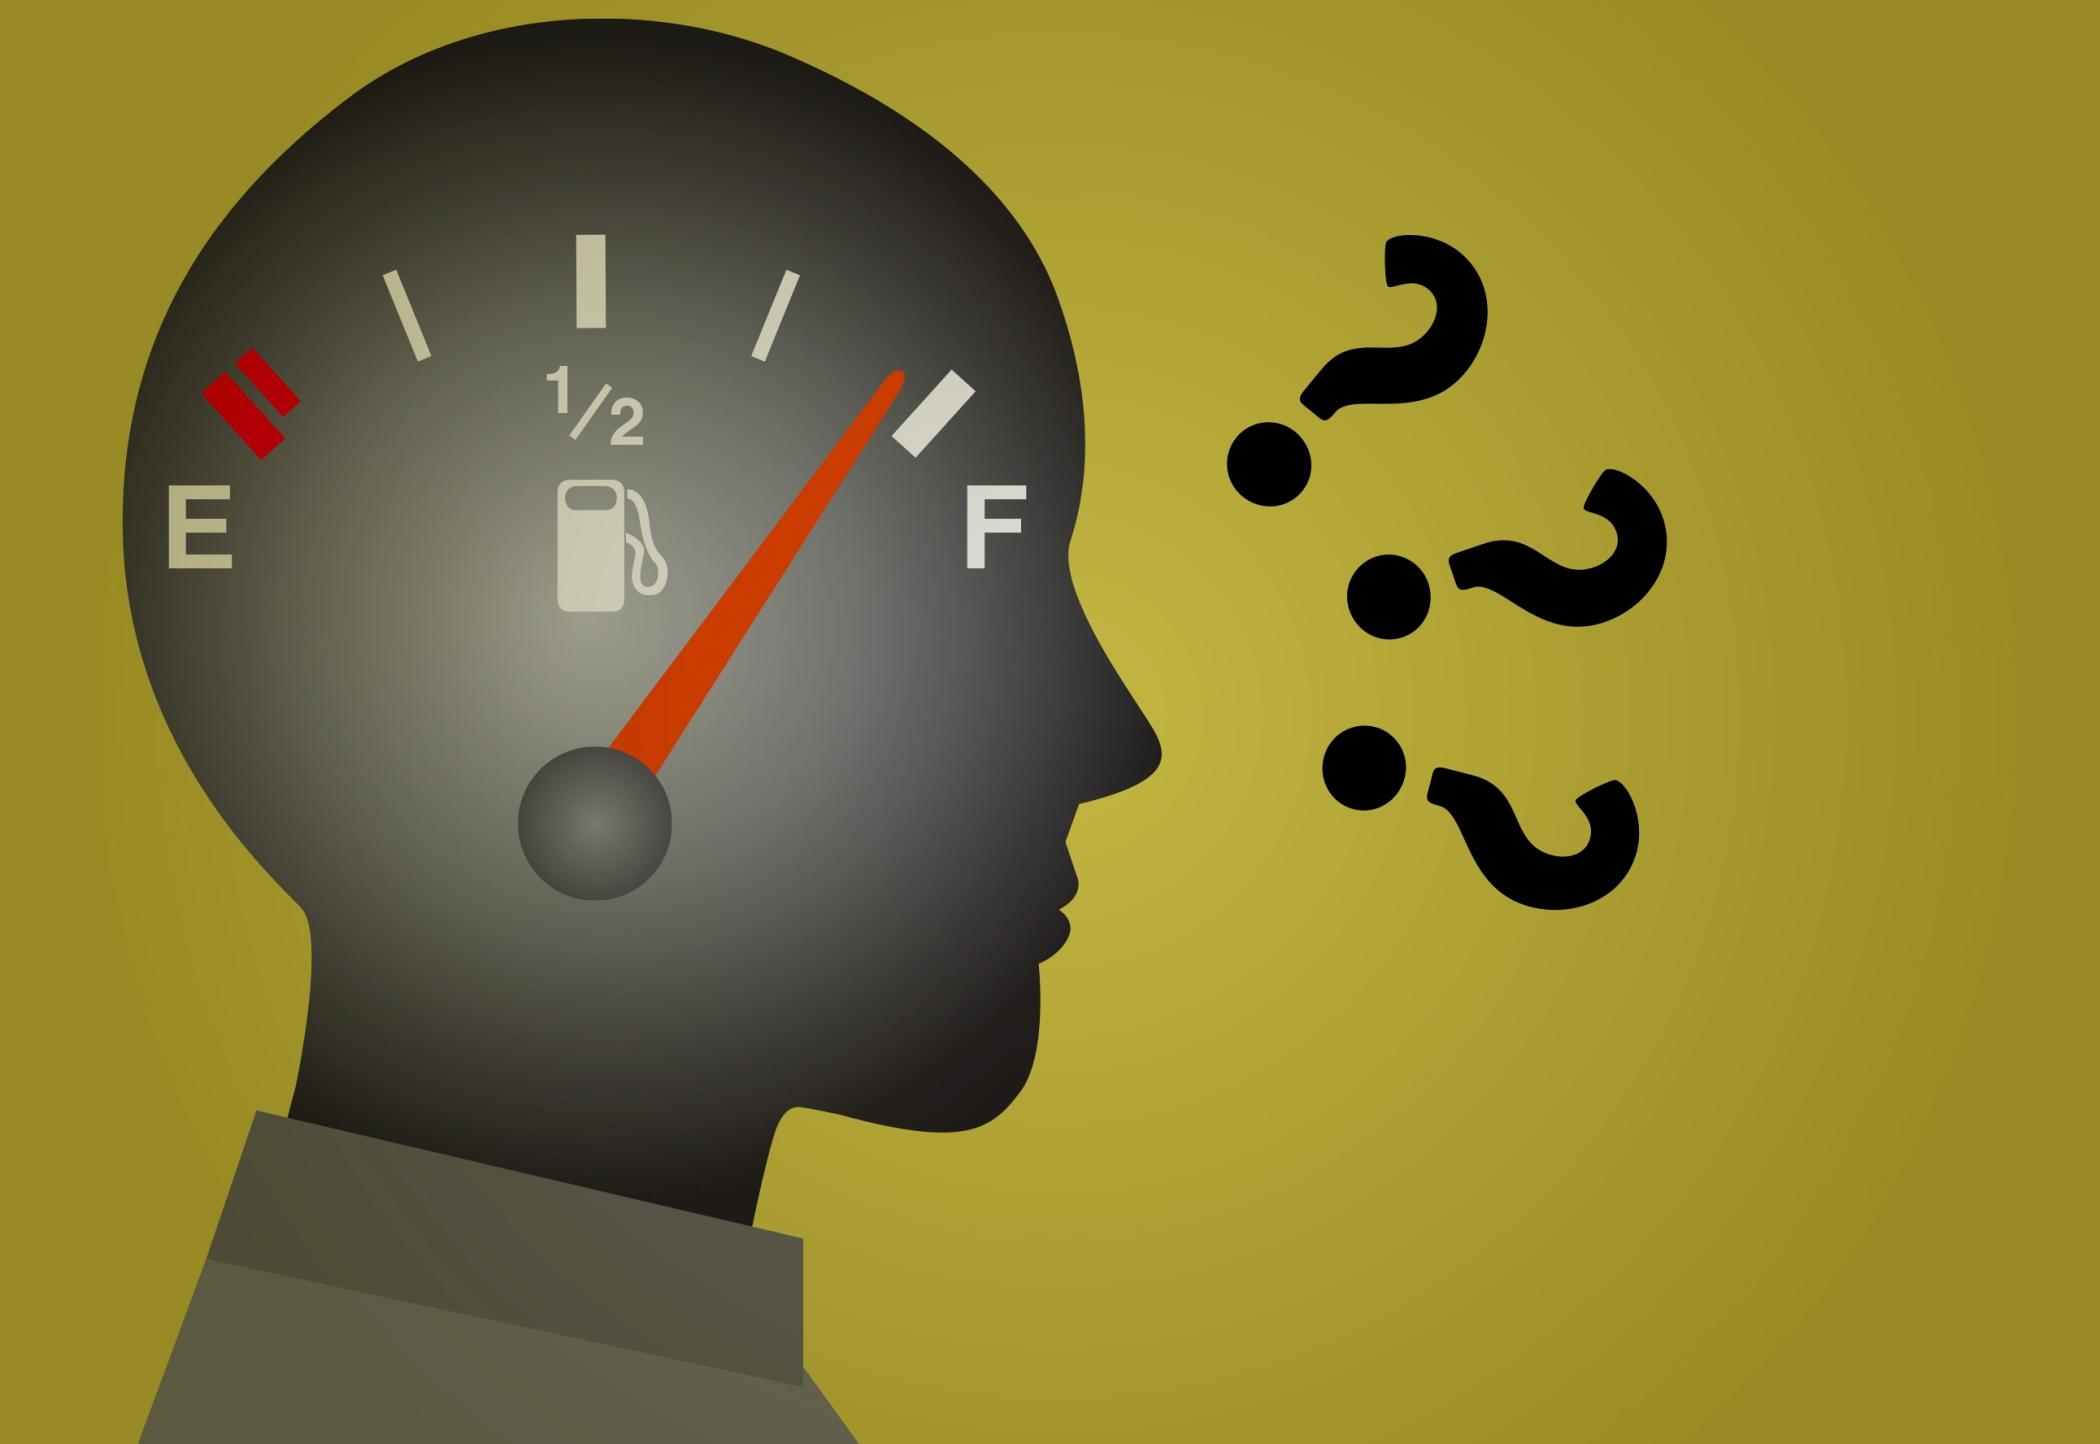 Ilustração de uma pessoa em dúvida sobre o consumo do carro com o marcador de combustível junto